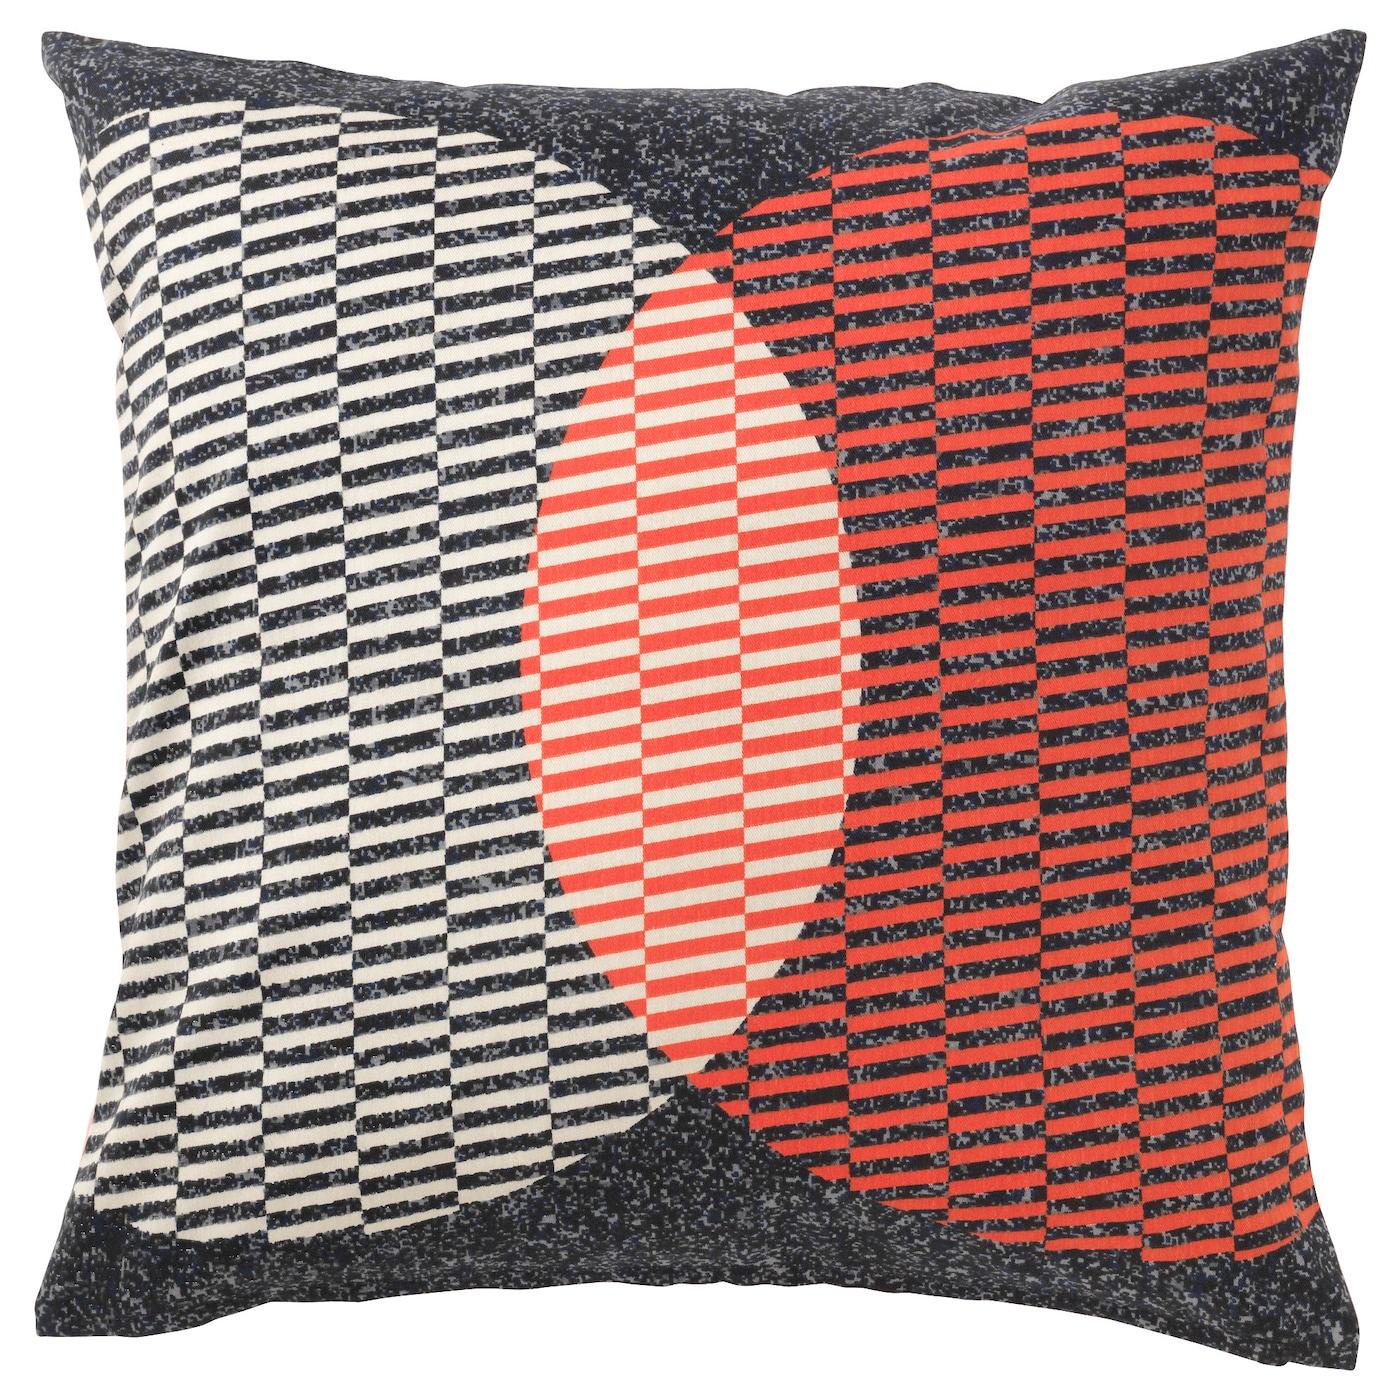 V…RL–K Cushion cover Orange black 50x50 cm IKEA